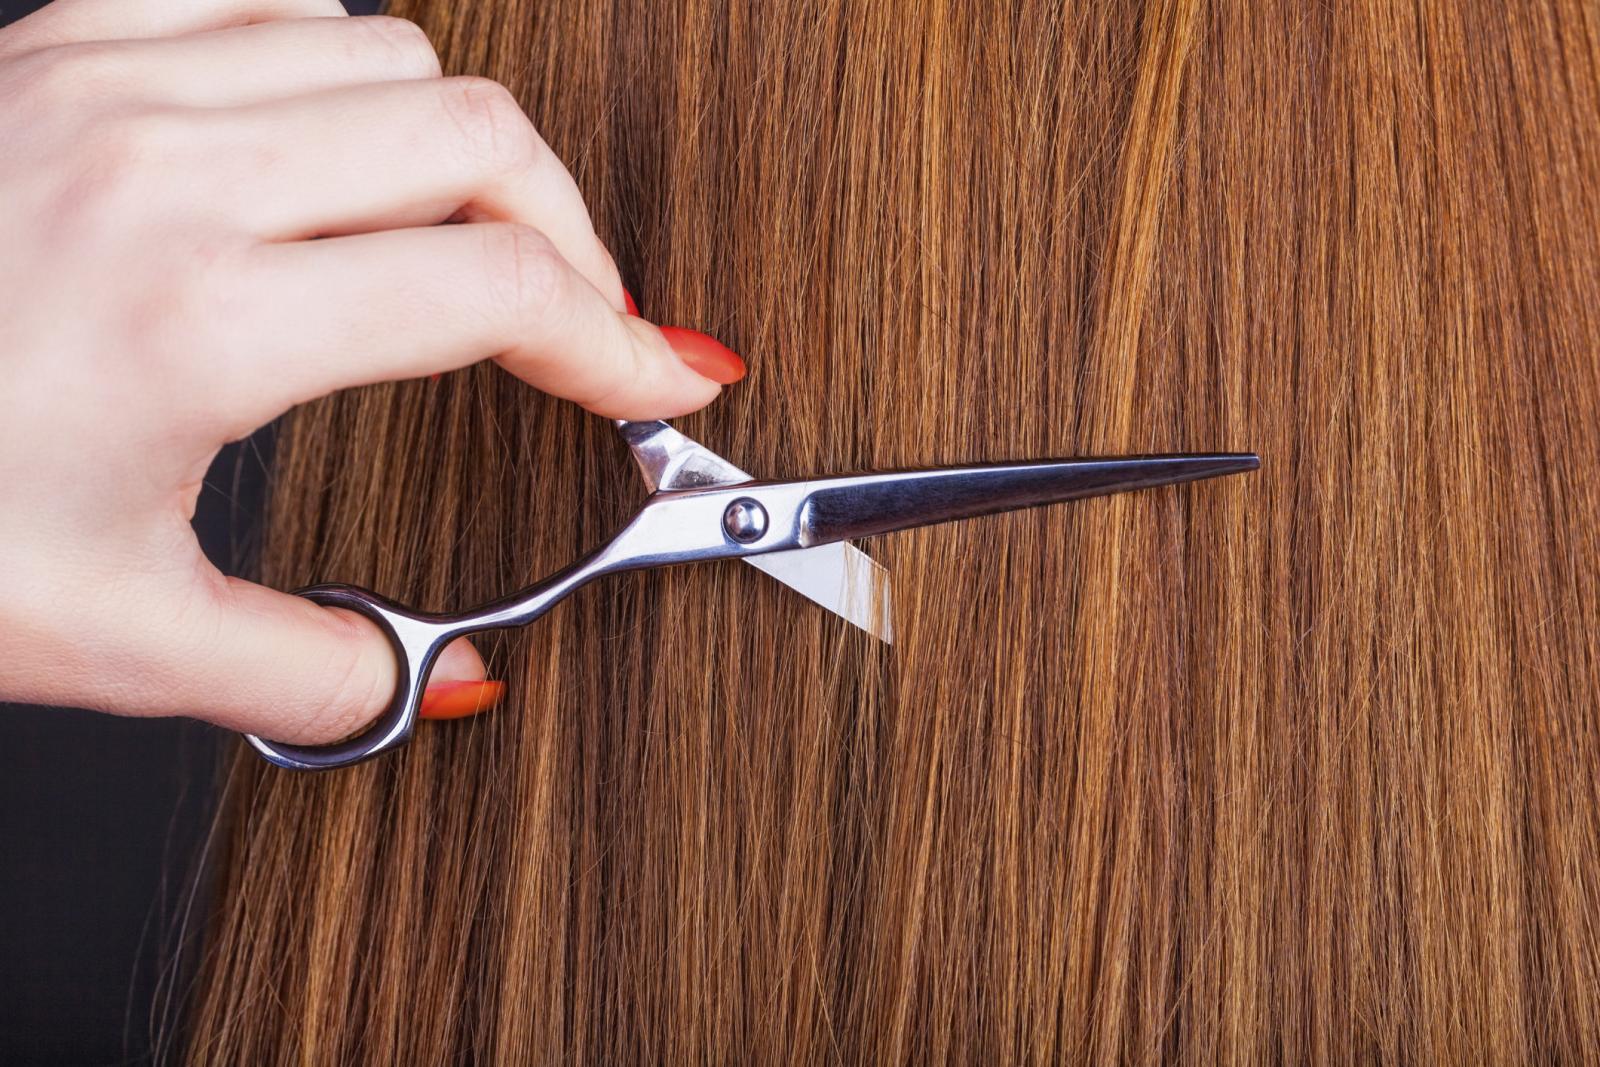 картинки красивая картинка волос и ножниц многих